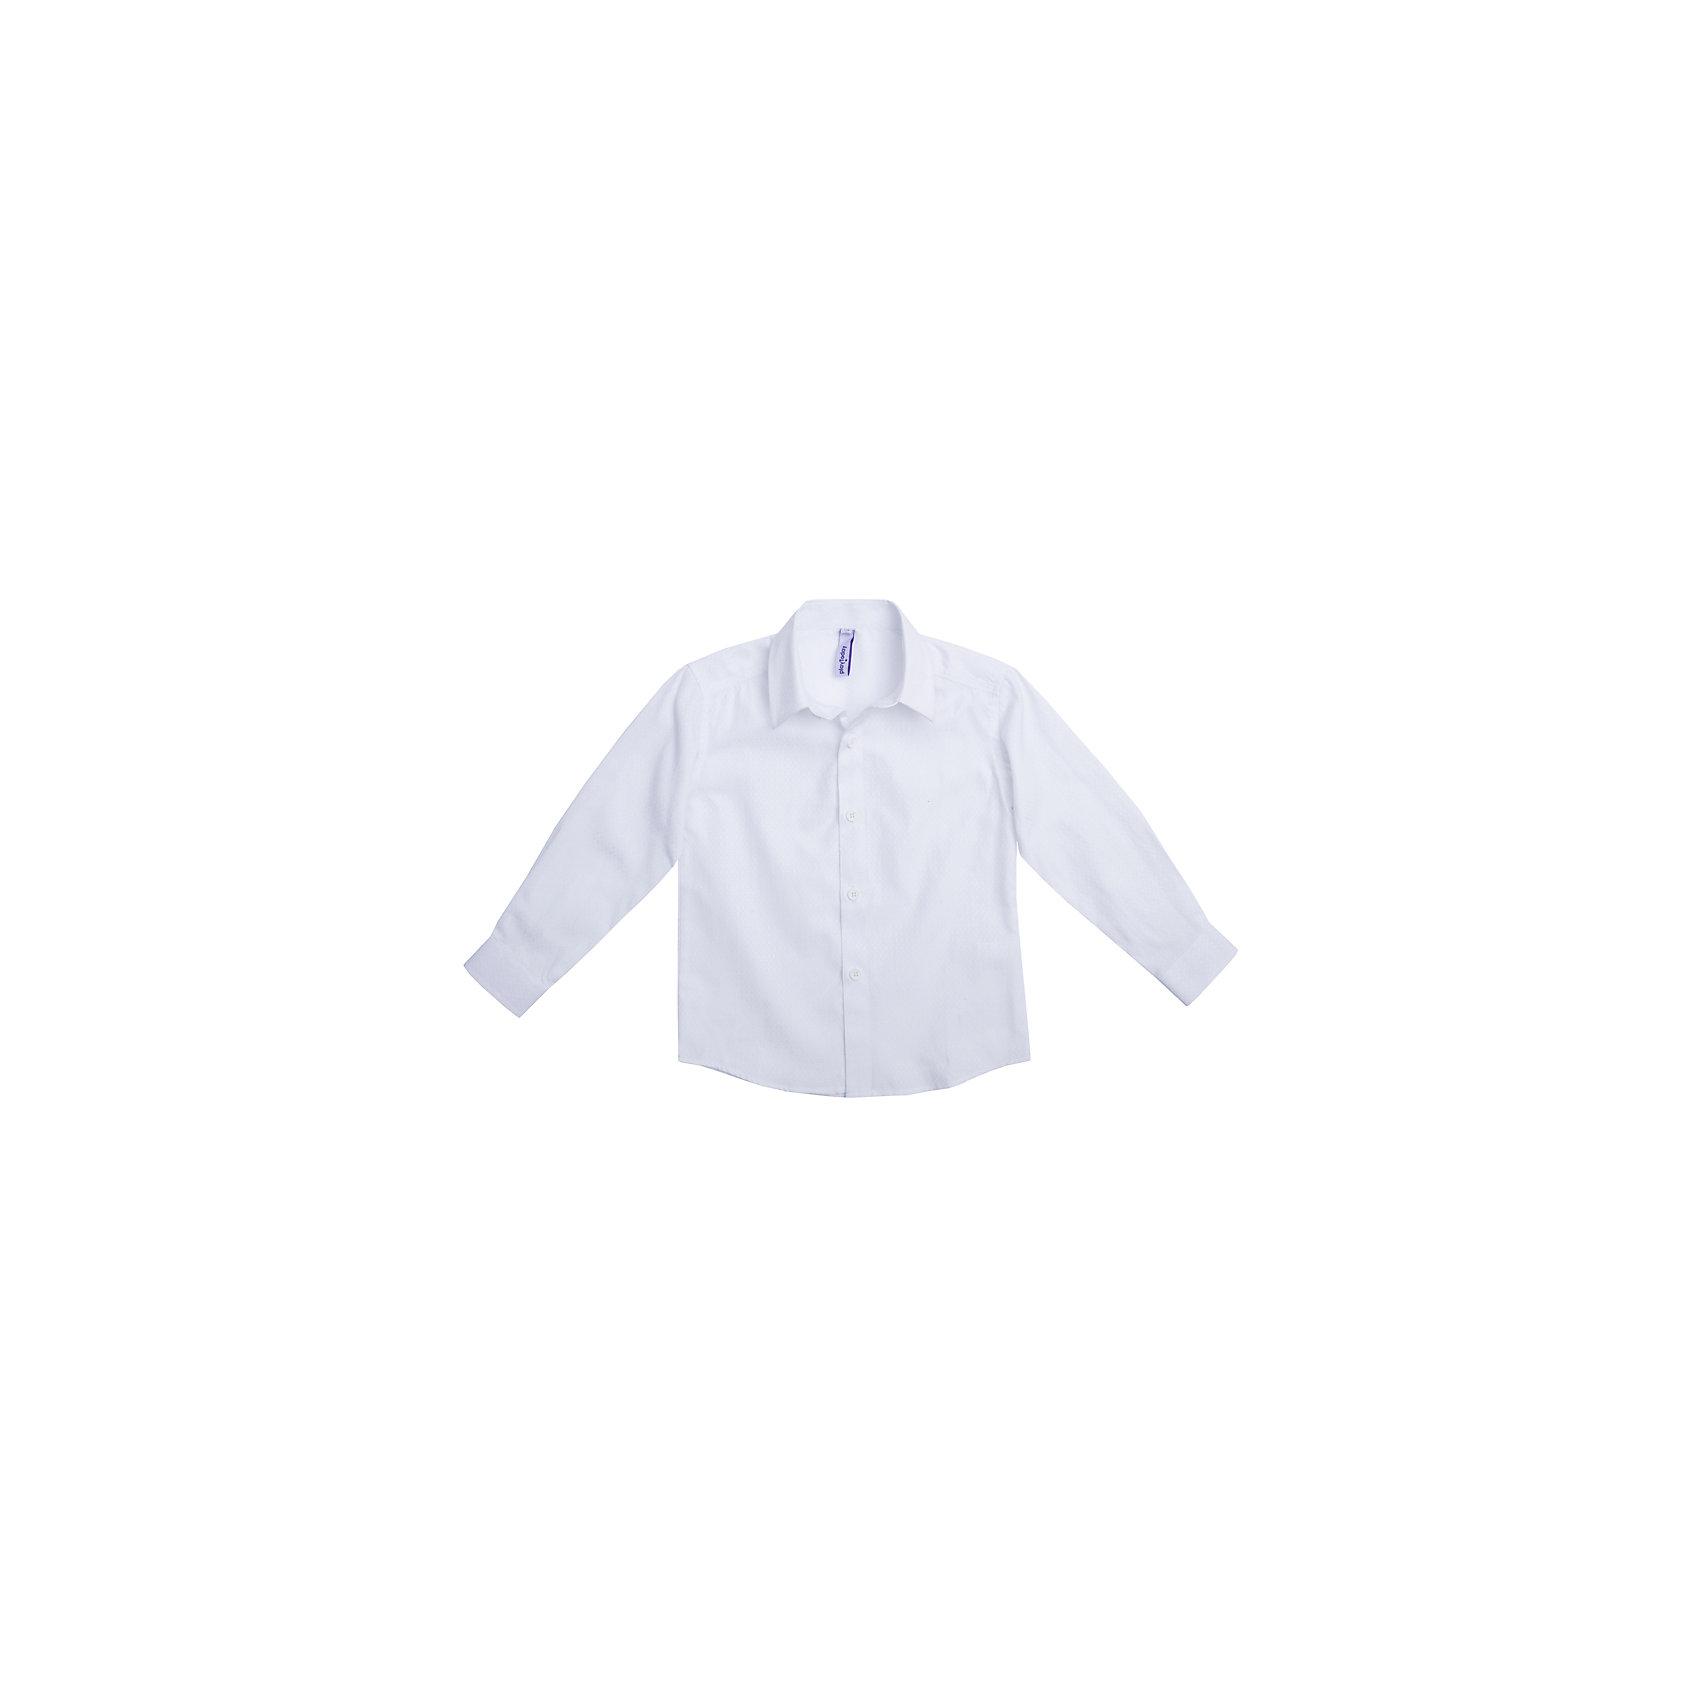 Рубашка для мальчика PlayTodayРубашка для мальчика от известного бренда PlayToday.<br>Лаконичная нарядная сорочка.<br><br>Классическая модель: отложной воротник, аккуратные рукава с усеченными углами, полупрозрачные пуговицы. Украшена узором с легким матовым блеском.<br>Состав:<br>60% полиэстер, 40% хлопок<br><br>Ширина мм: 174<br>Глубина мм: 10<br>Высота мм: 169<br>Вес г: 157<br>Цвет: белый<br>Возраст от месяцев: 36<br>Возраст до месяцев: 48<br>Пол: Мужской<br>Возраст: Детский<br>Размер: 116,110,128,104,98,122<br>SKU: 5113927